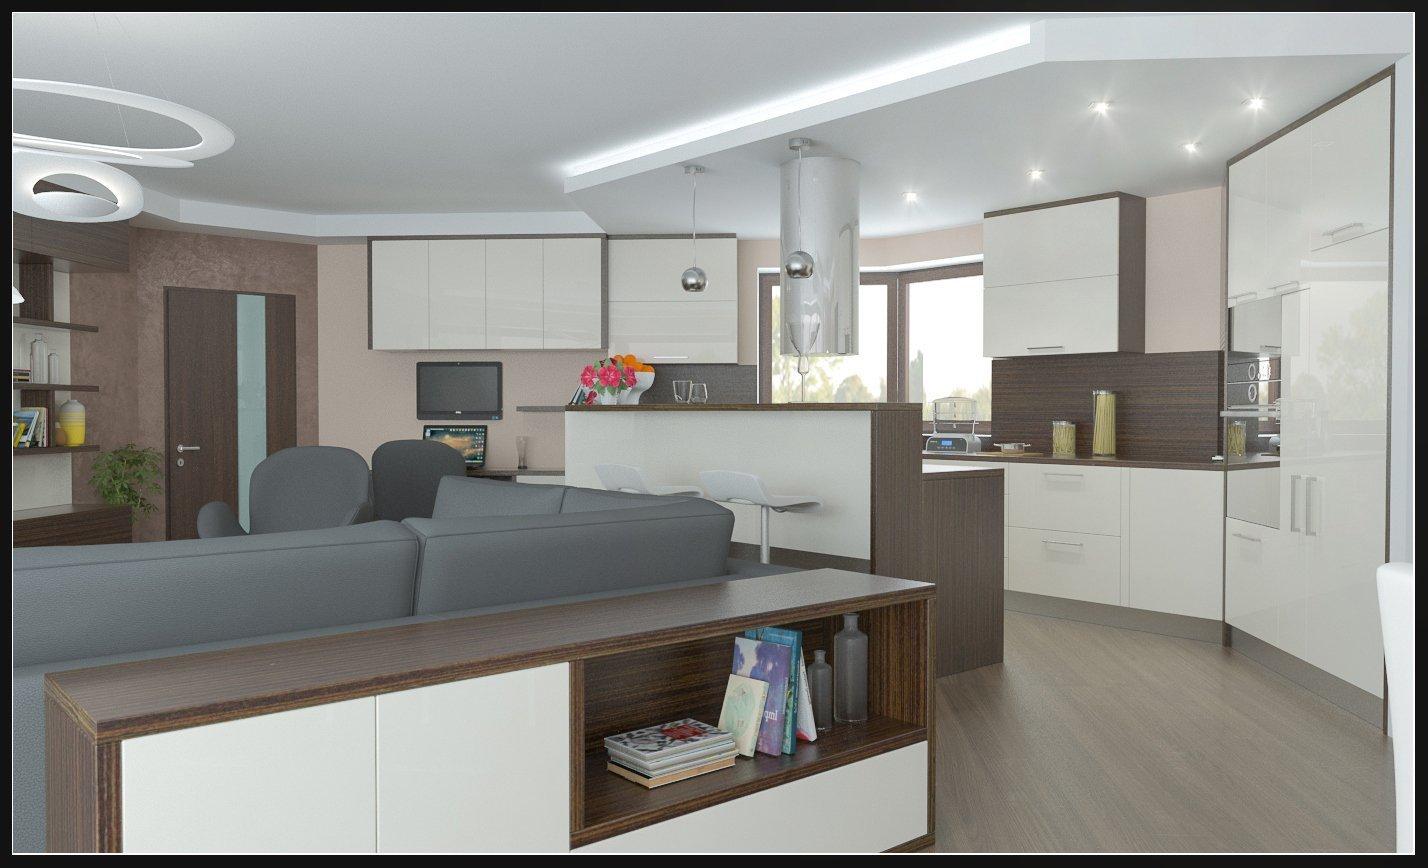 Obývací pokoj v rodinném domě, s atypickou kuchyní do U a pracovnou.